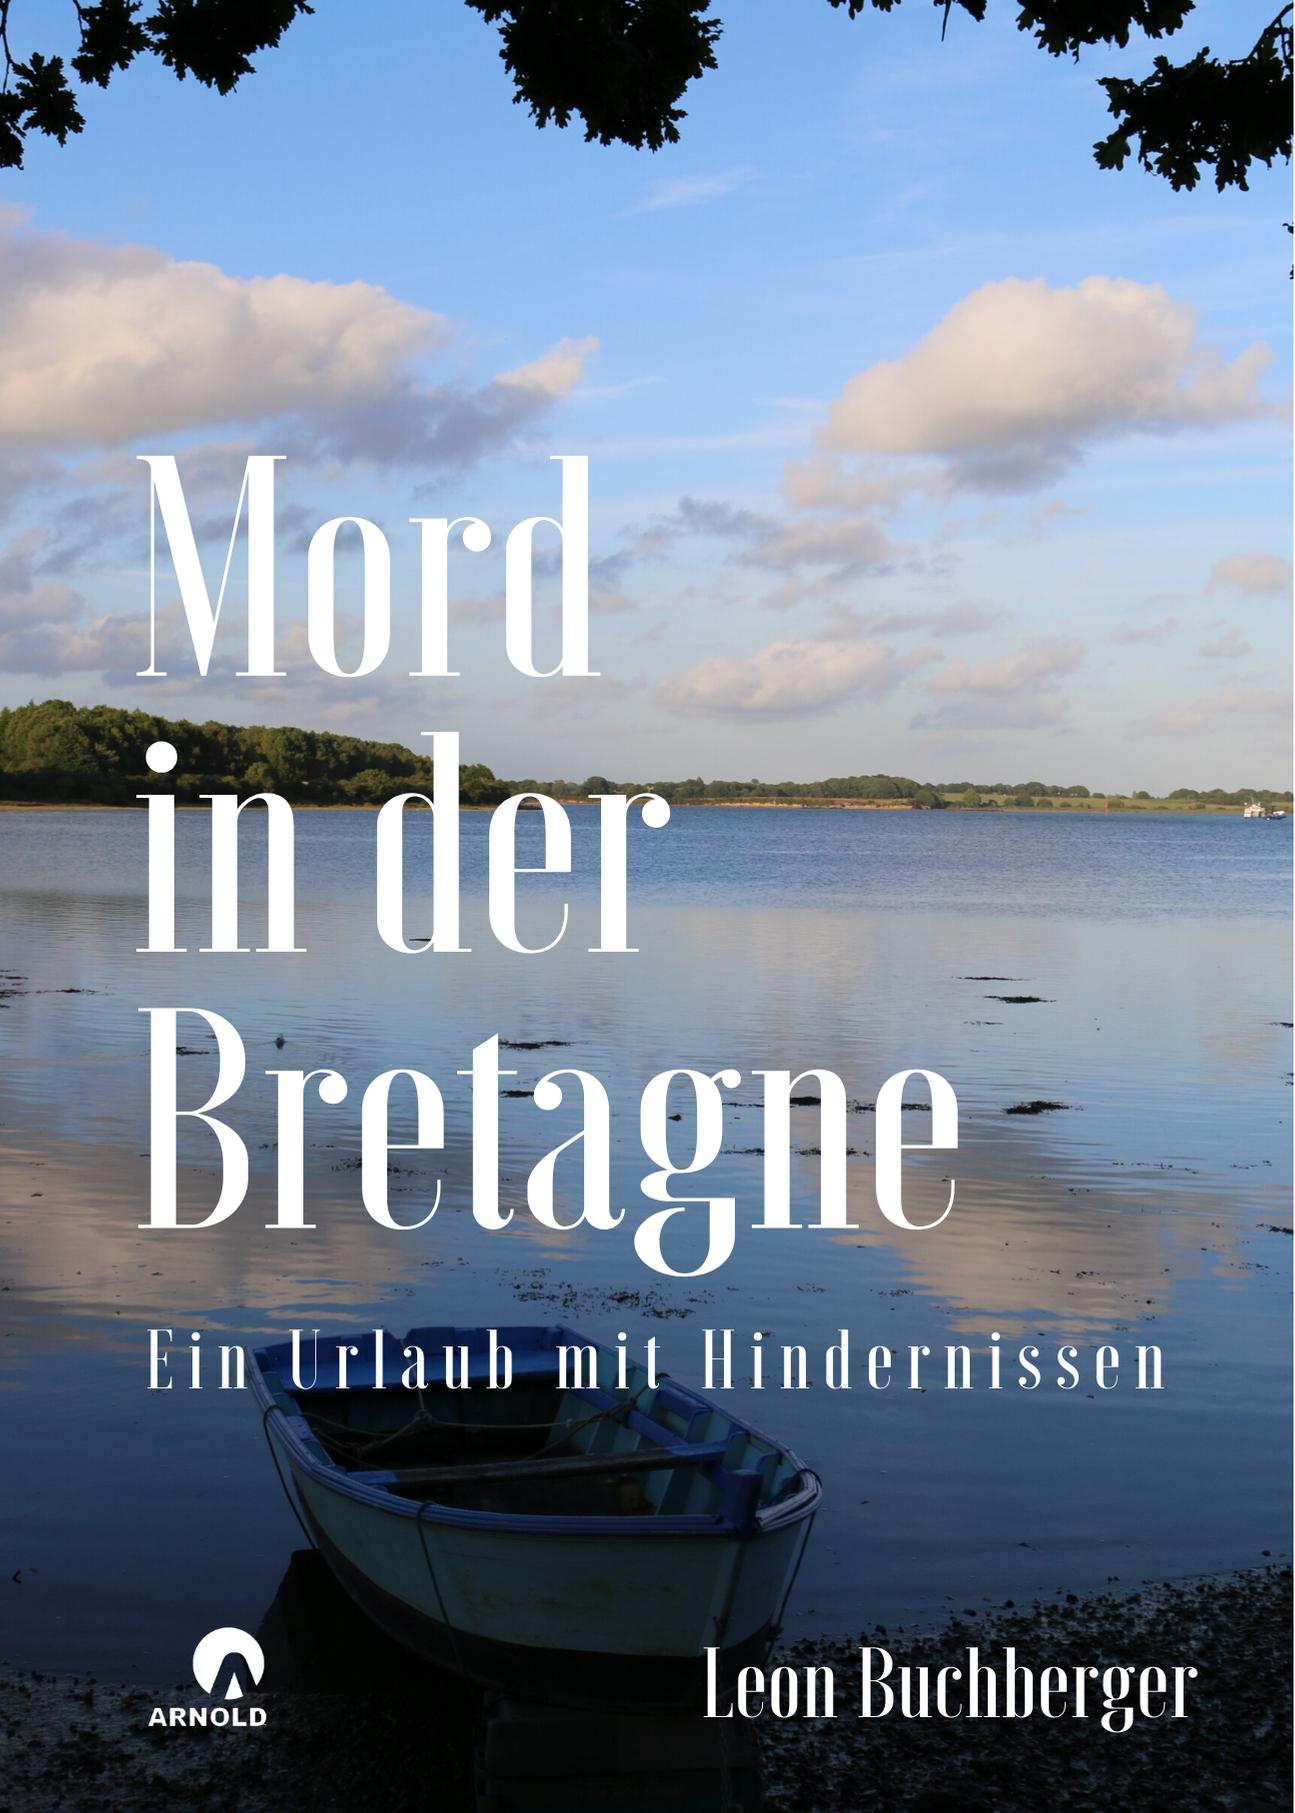 Mord in der Bretagne Buchberger